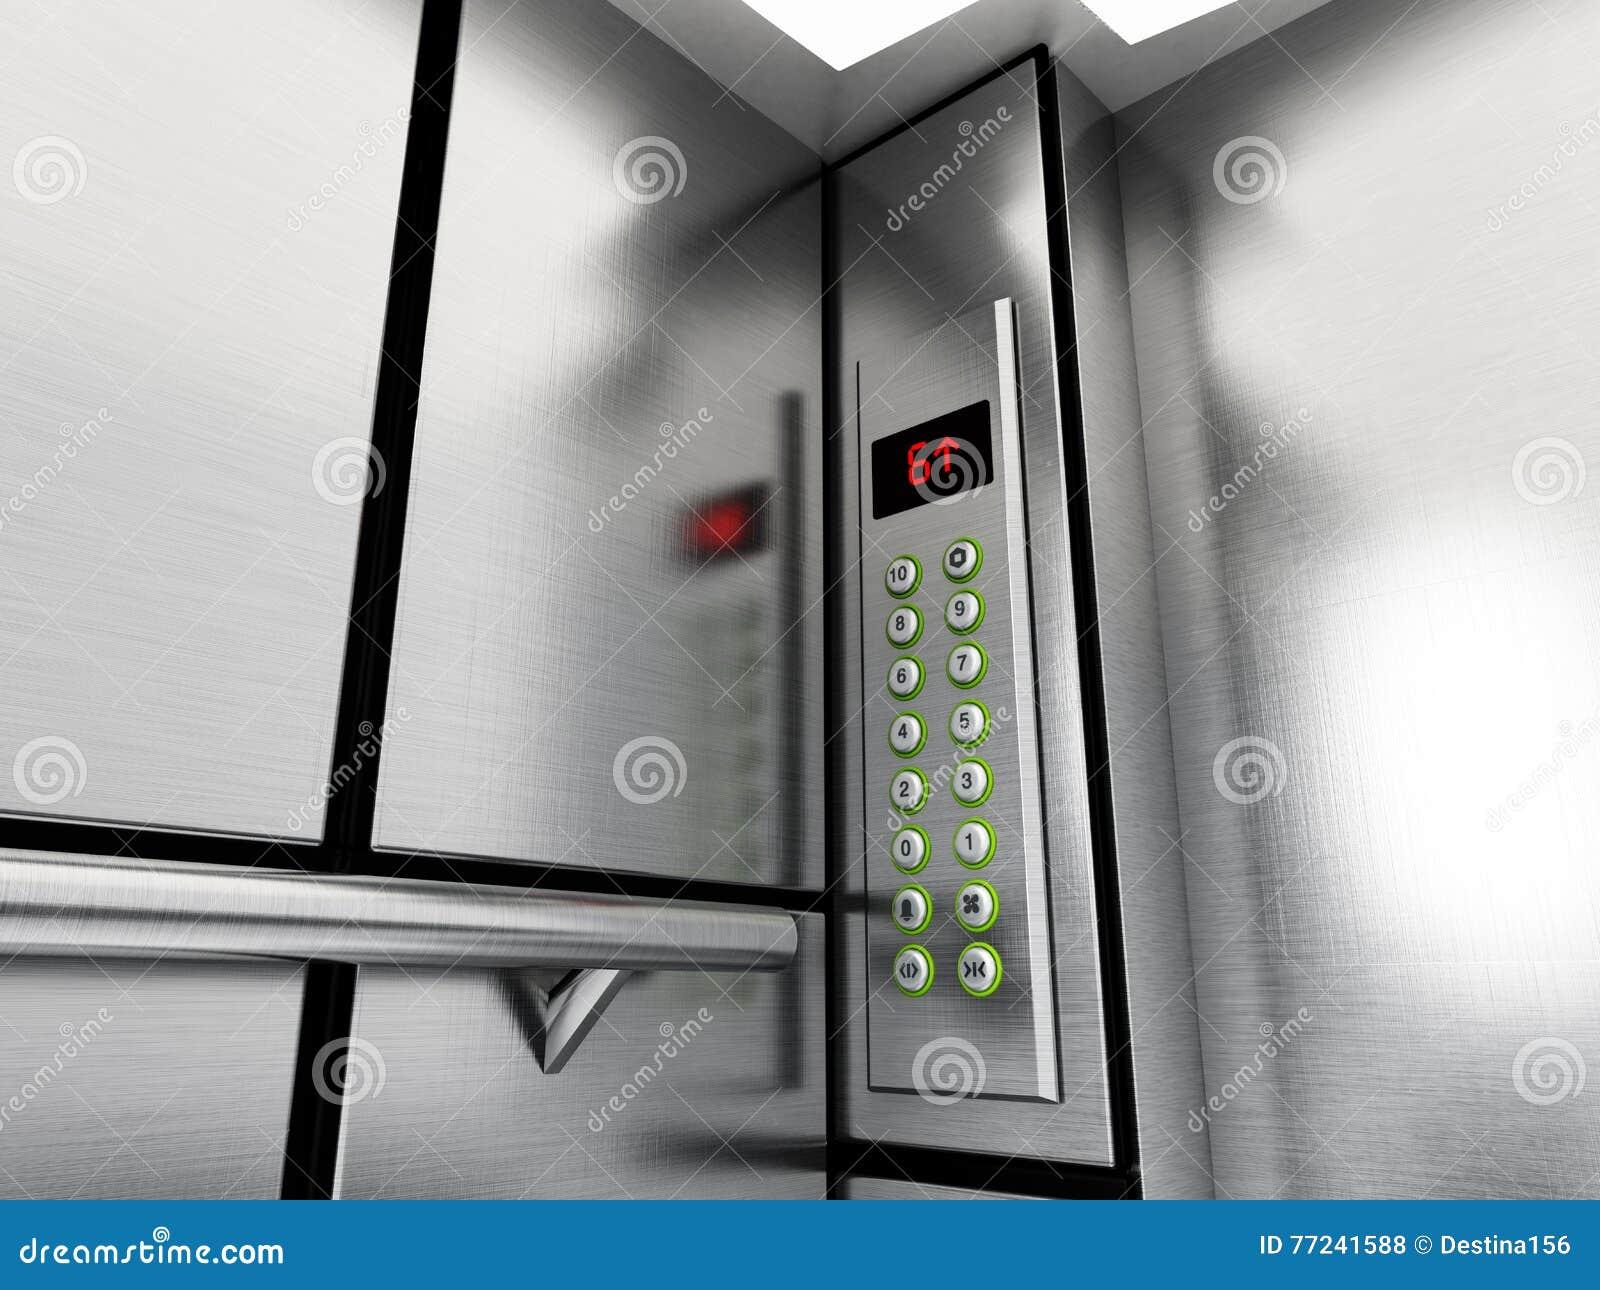 Aufzugsplatte mit Knöpfen und LCD-Anzeige Abbildung 3D